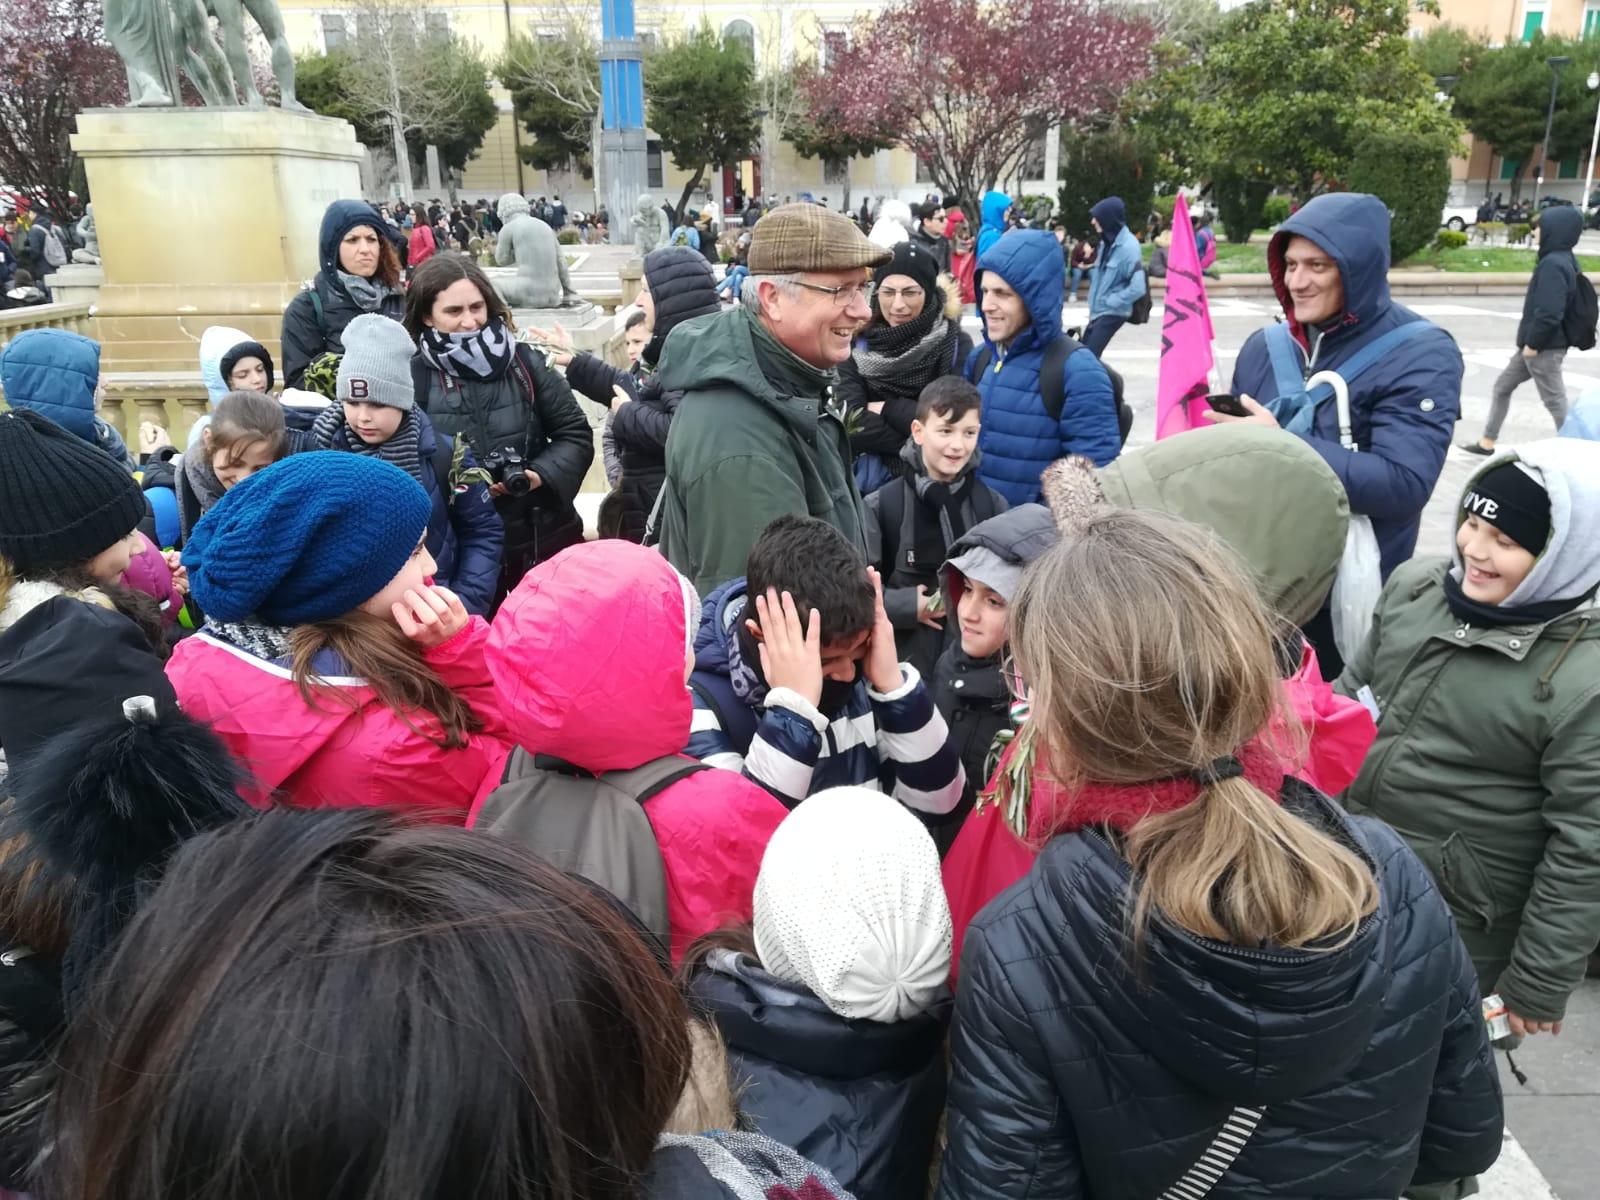 Foggia: La reazione sorpresa ed emozionante all'arrivo di Dario Vassallo nel gruppo degli alunni dell'istituto comprensivo Caporizzi Lucarelli - Acquaviva delle fonti - BA -